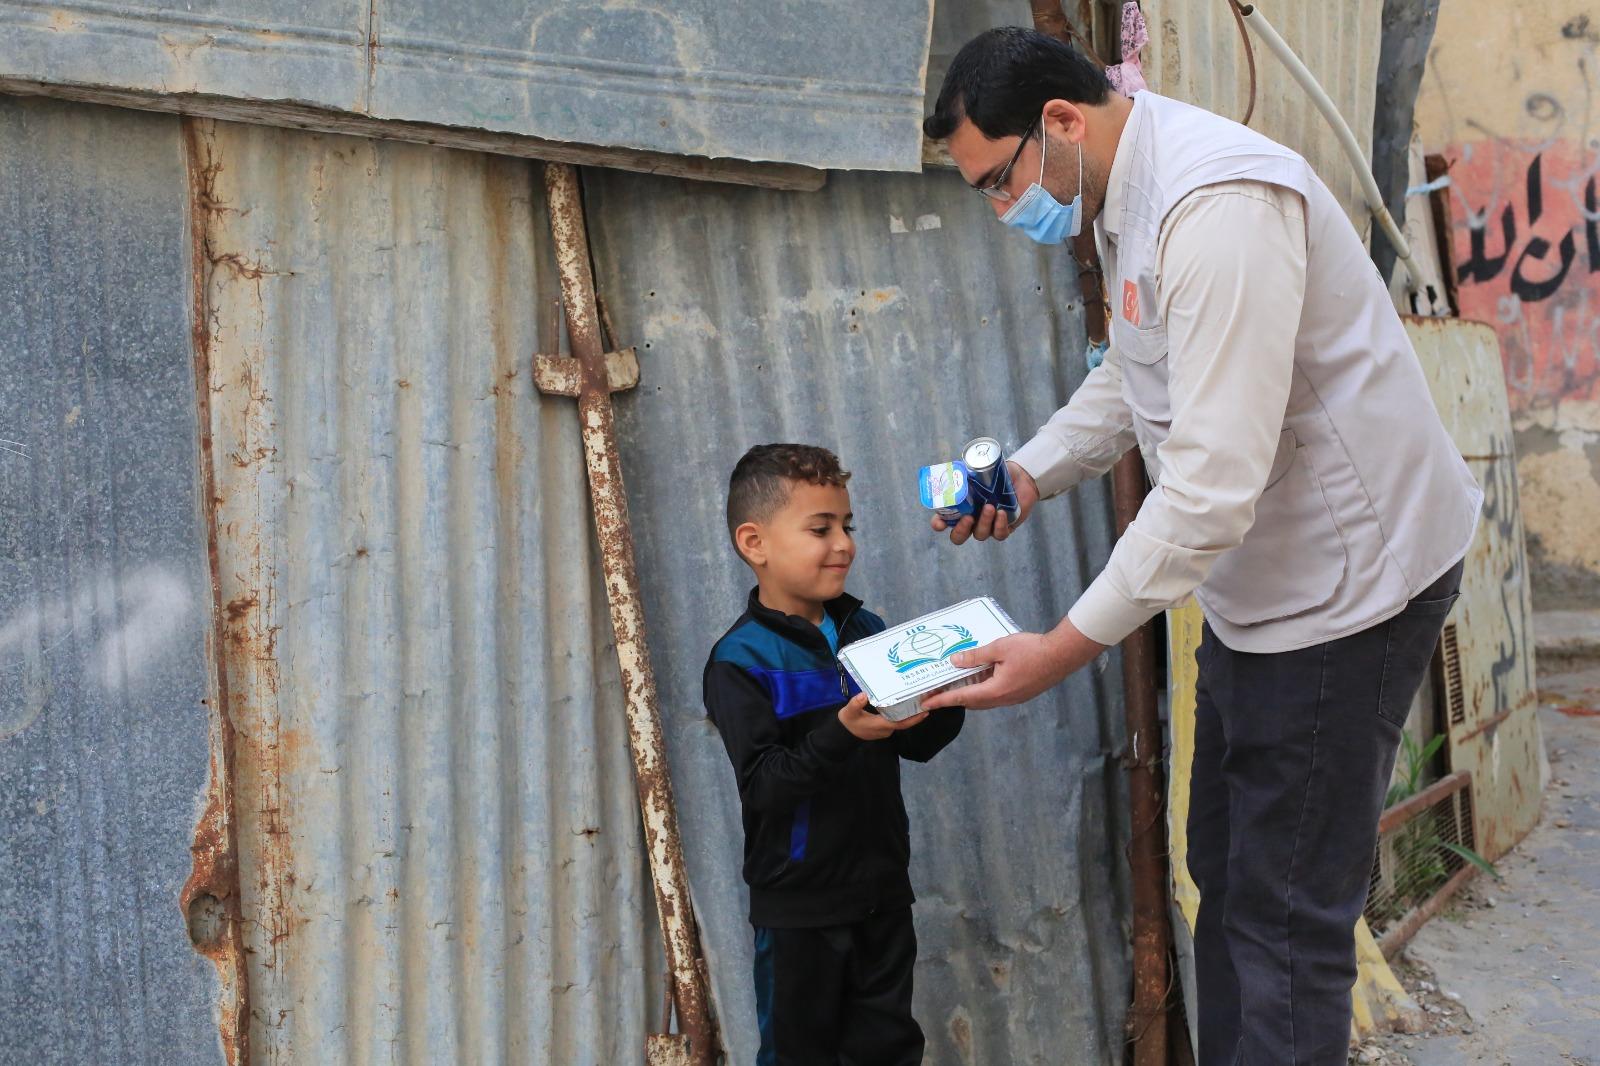 İfrar bağışlarınız ile ihtiyaç sahiplerinin sofralarını bereketlendirin. - Haberler - İnsanı İnşa Derneği İİD. Uluslararası Yardım Kuruluşu